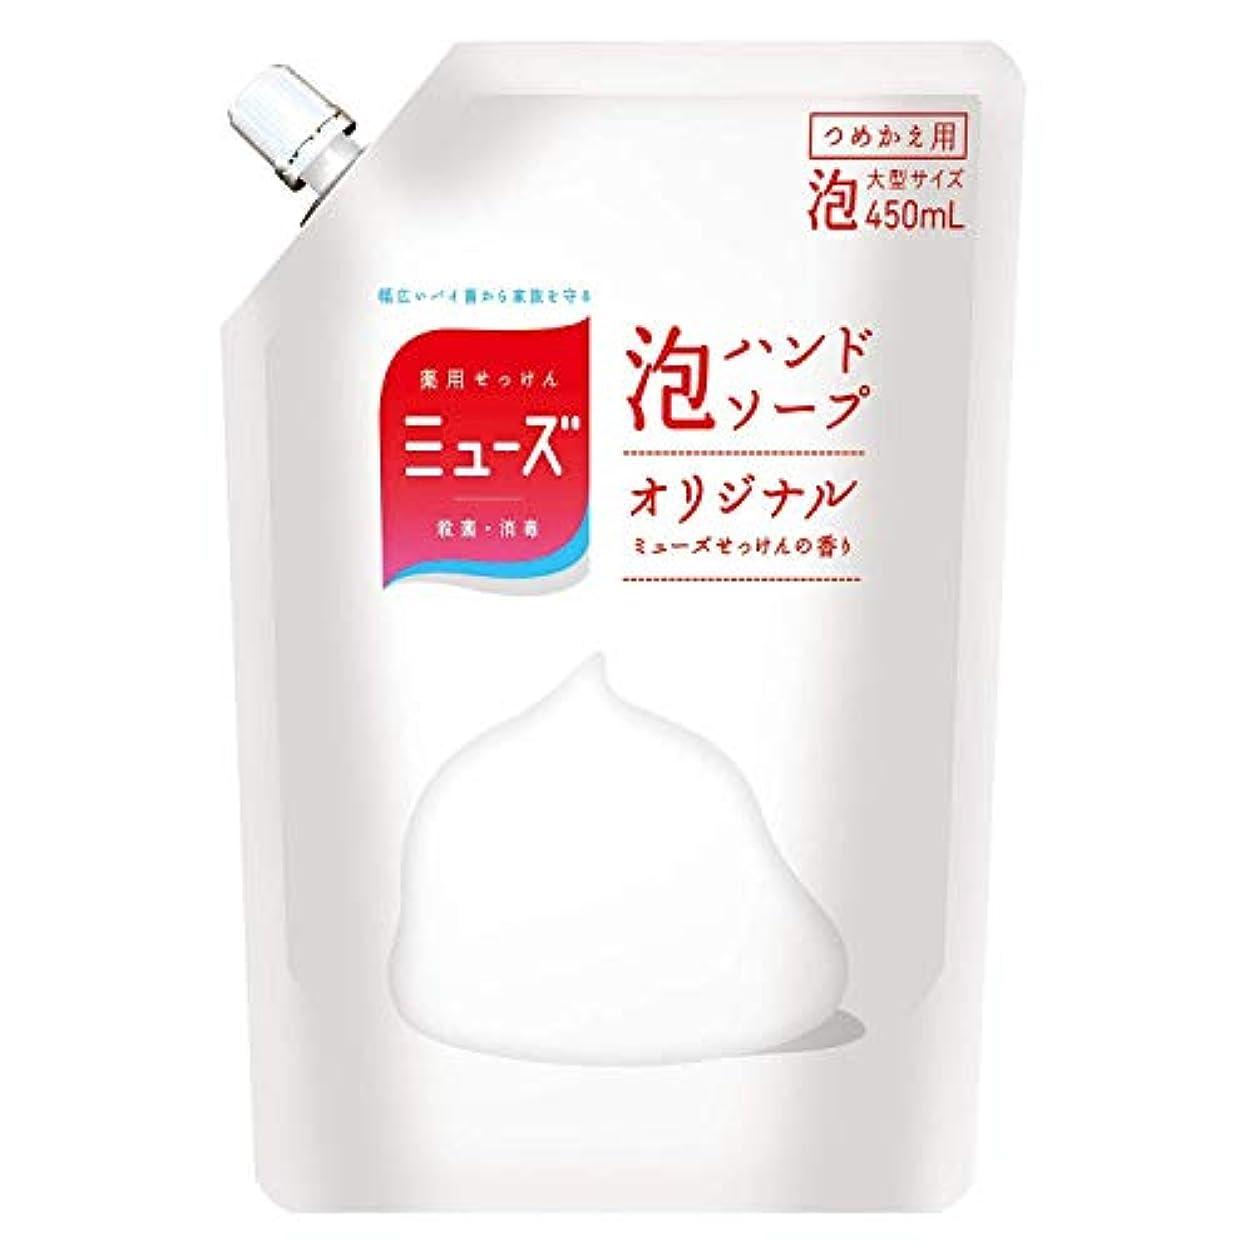 象適度に有益薬用せっけんミューズ 泡 ハンドソープ 詰替 オリジナル 450ml 殺菌 消毒 手洗い 保湿成分配合 詰め替えパック